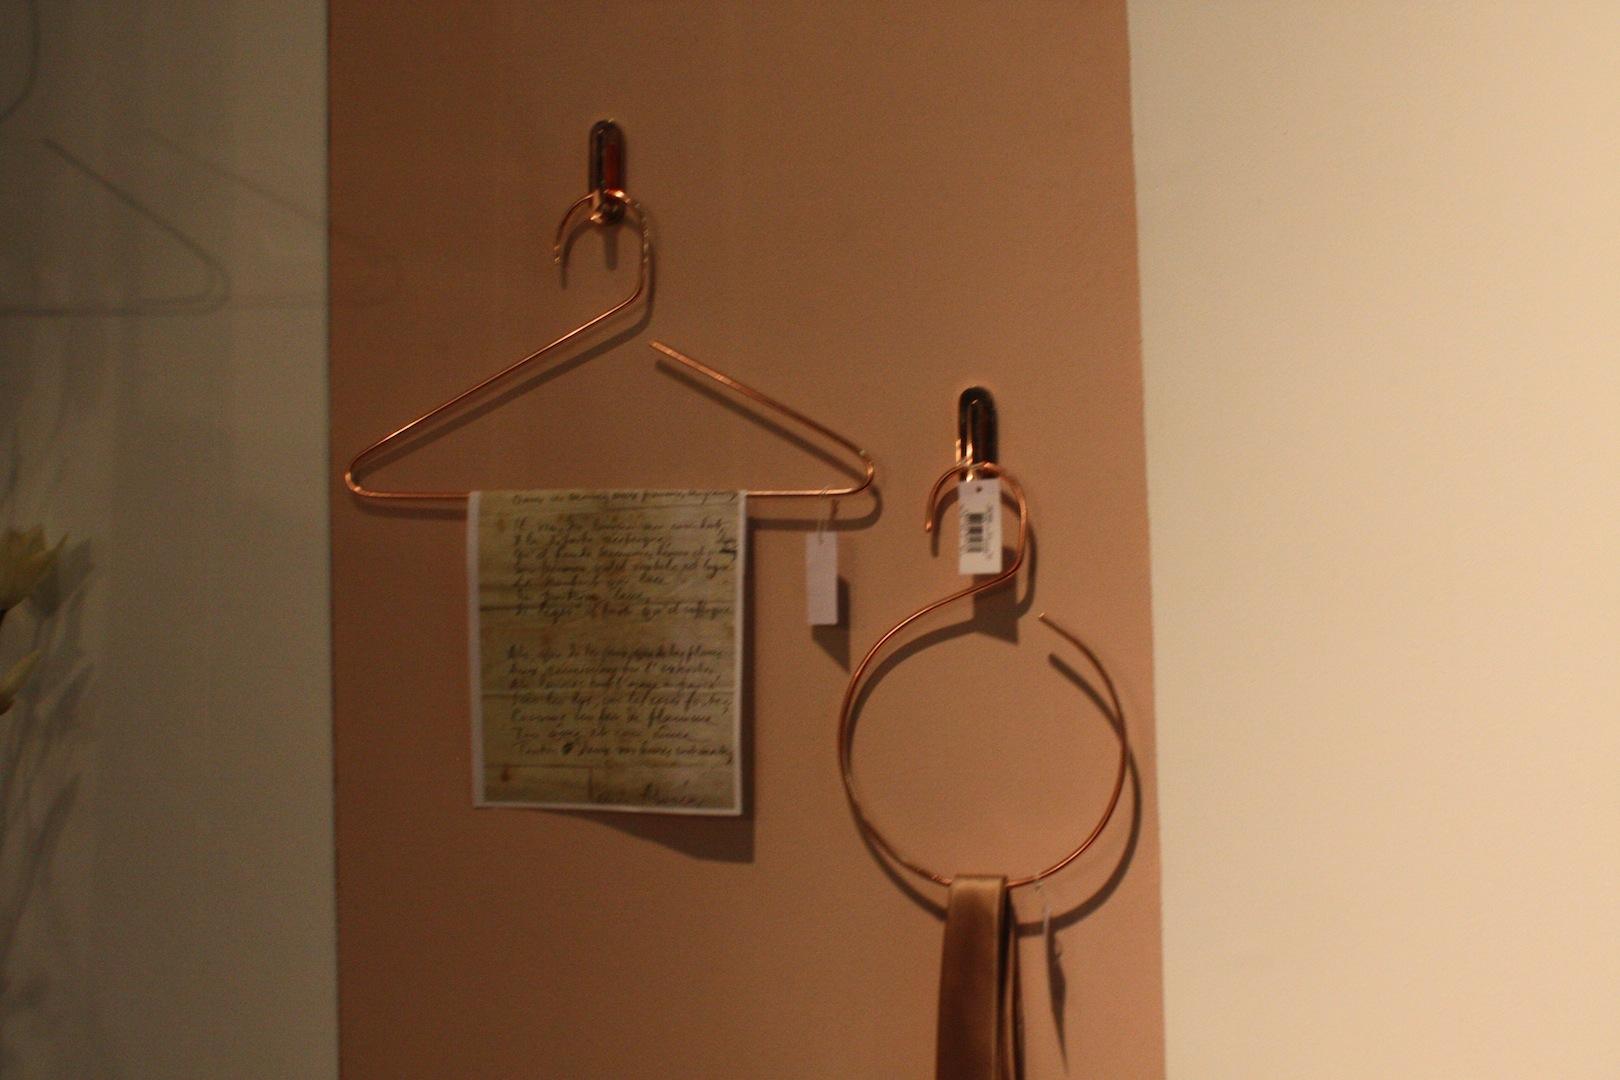 Mur cuivre archives le blog d co de mlc - Peinture metallisee pour mur ...